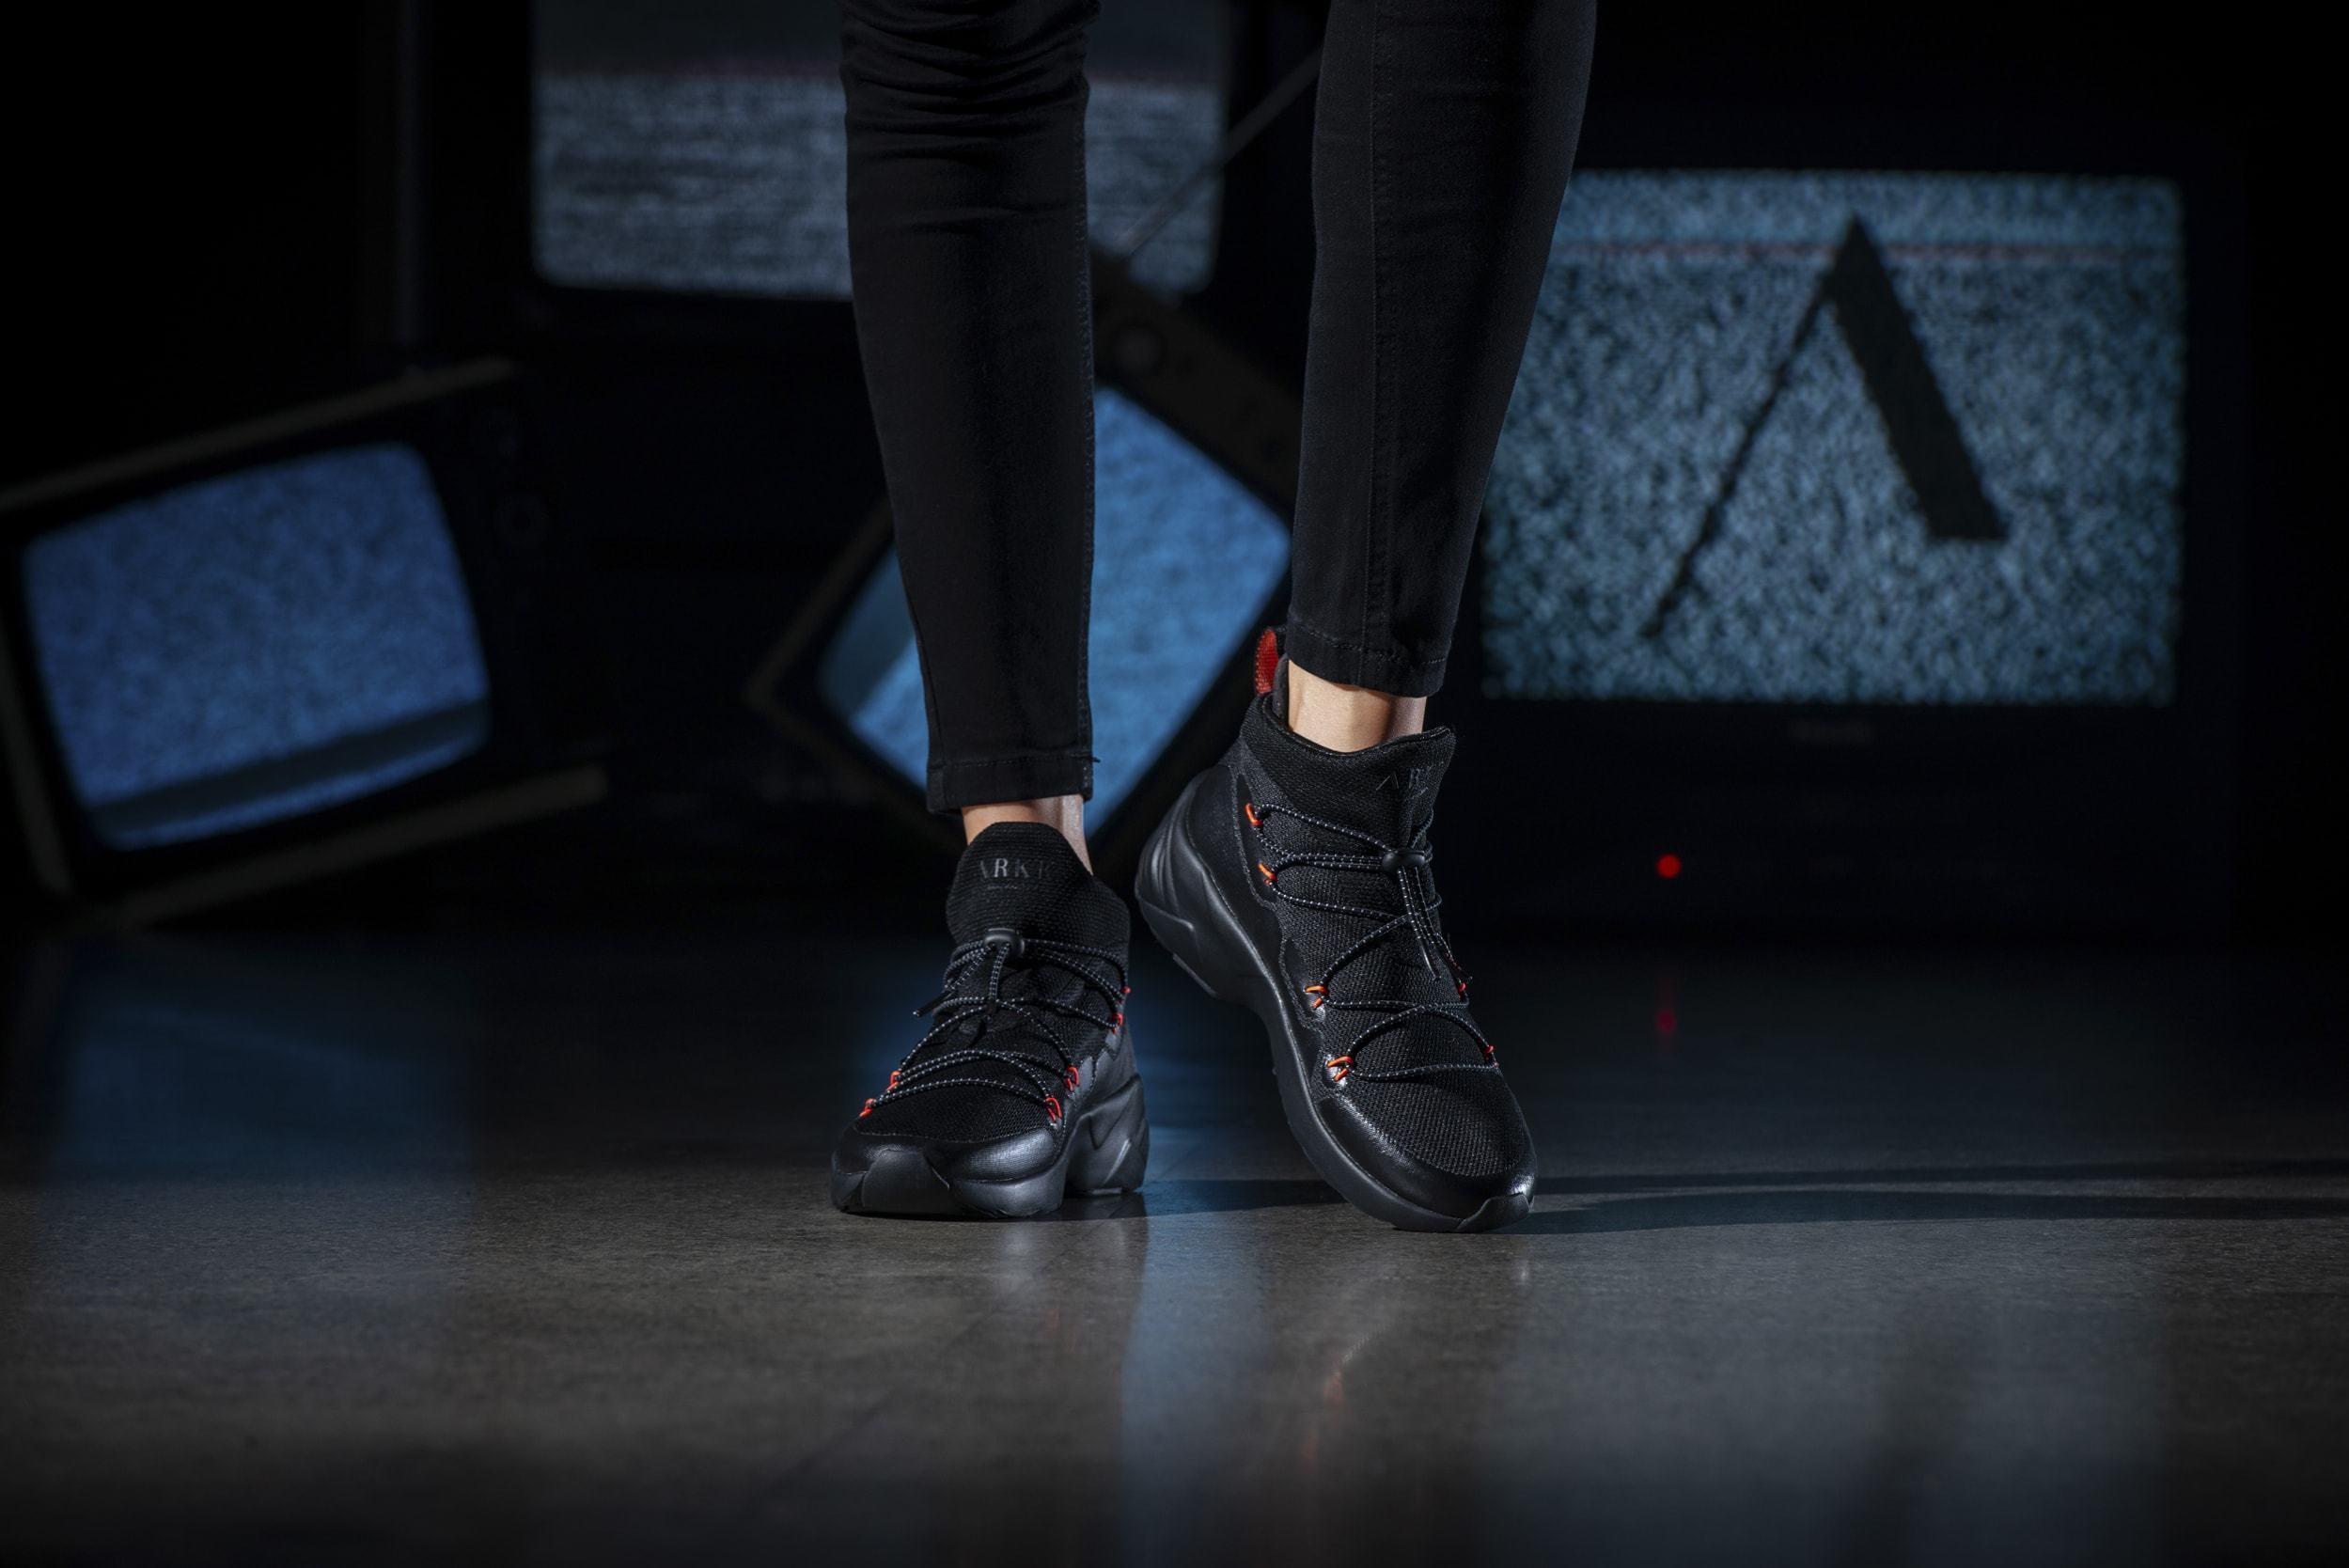 giày thể thao - ELLE man 1